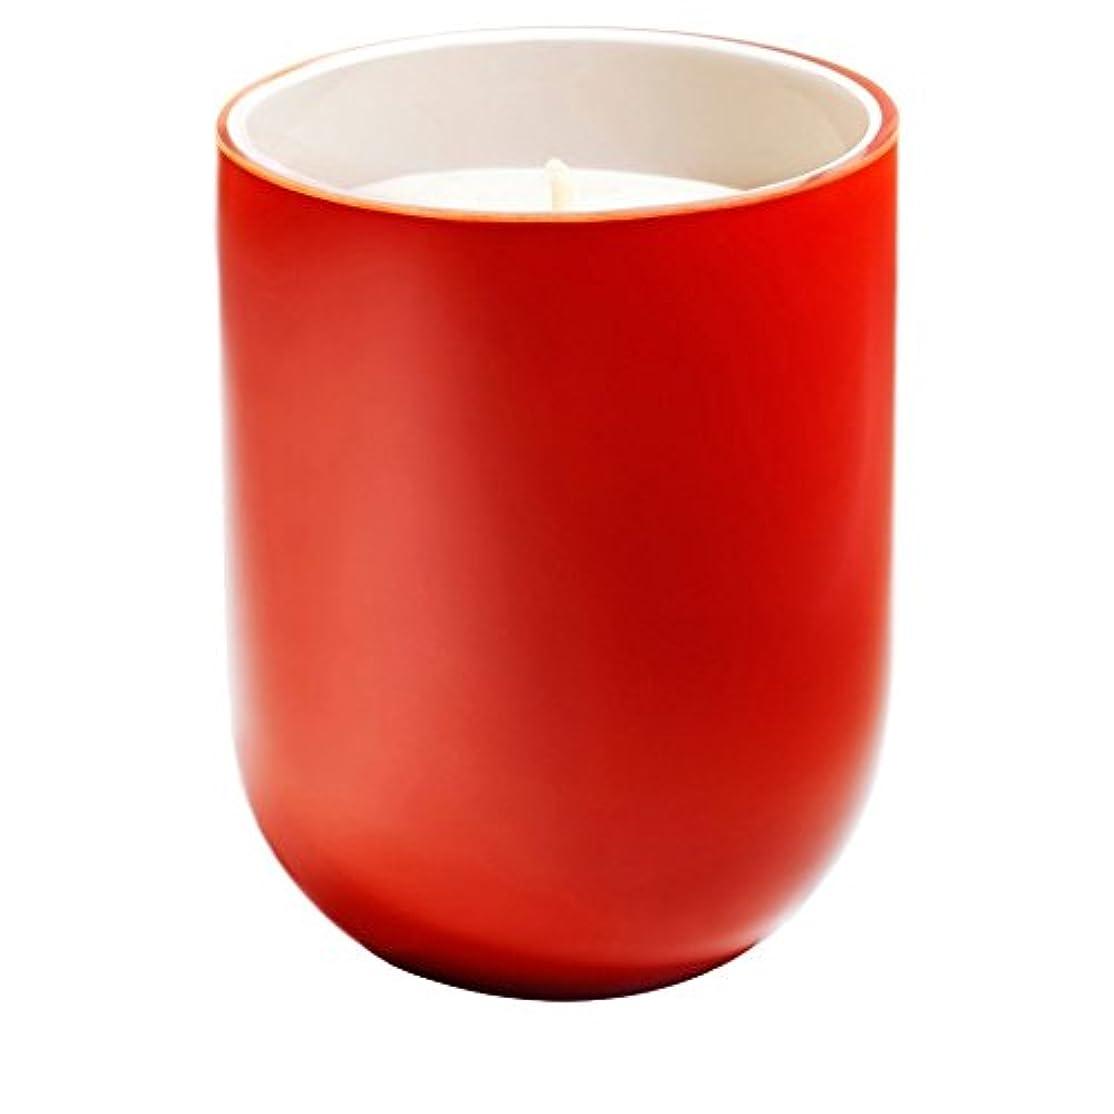 独立した人種シアーフレデリック?マルロシアの夜香りのキャンドル x6 - Frederic Malle Russian Night Scented Candle (Pack of 6) [並行輸入品]